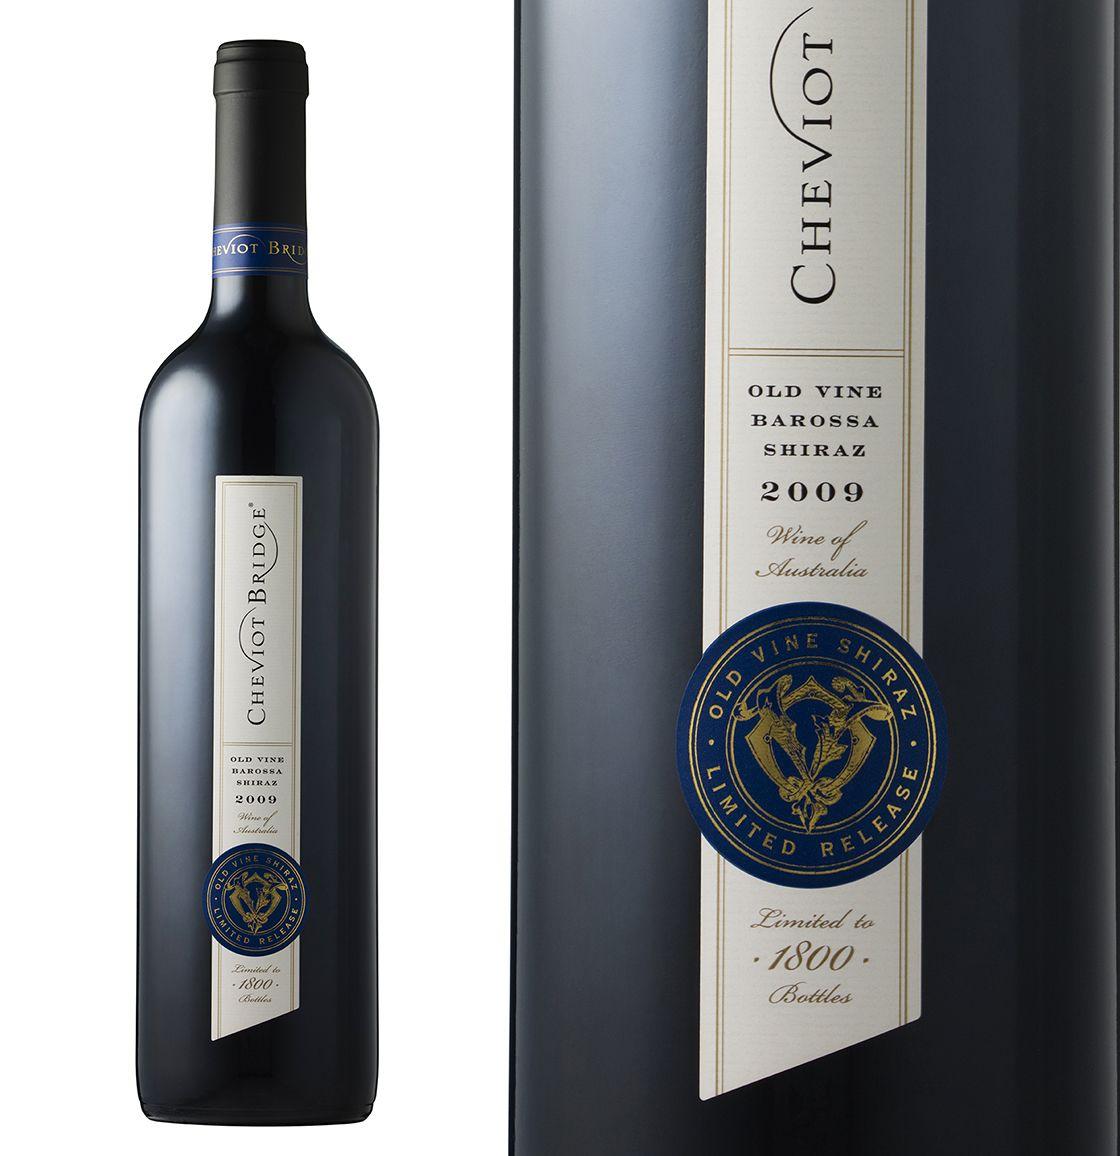 Vin de France étiquette - Pesquisa Google | HdeB | search ...